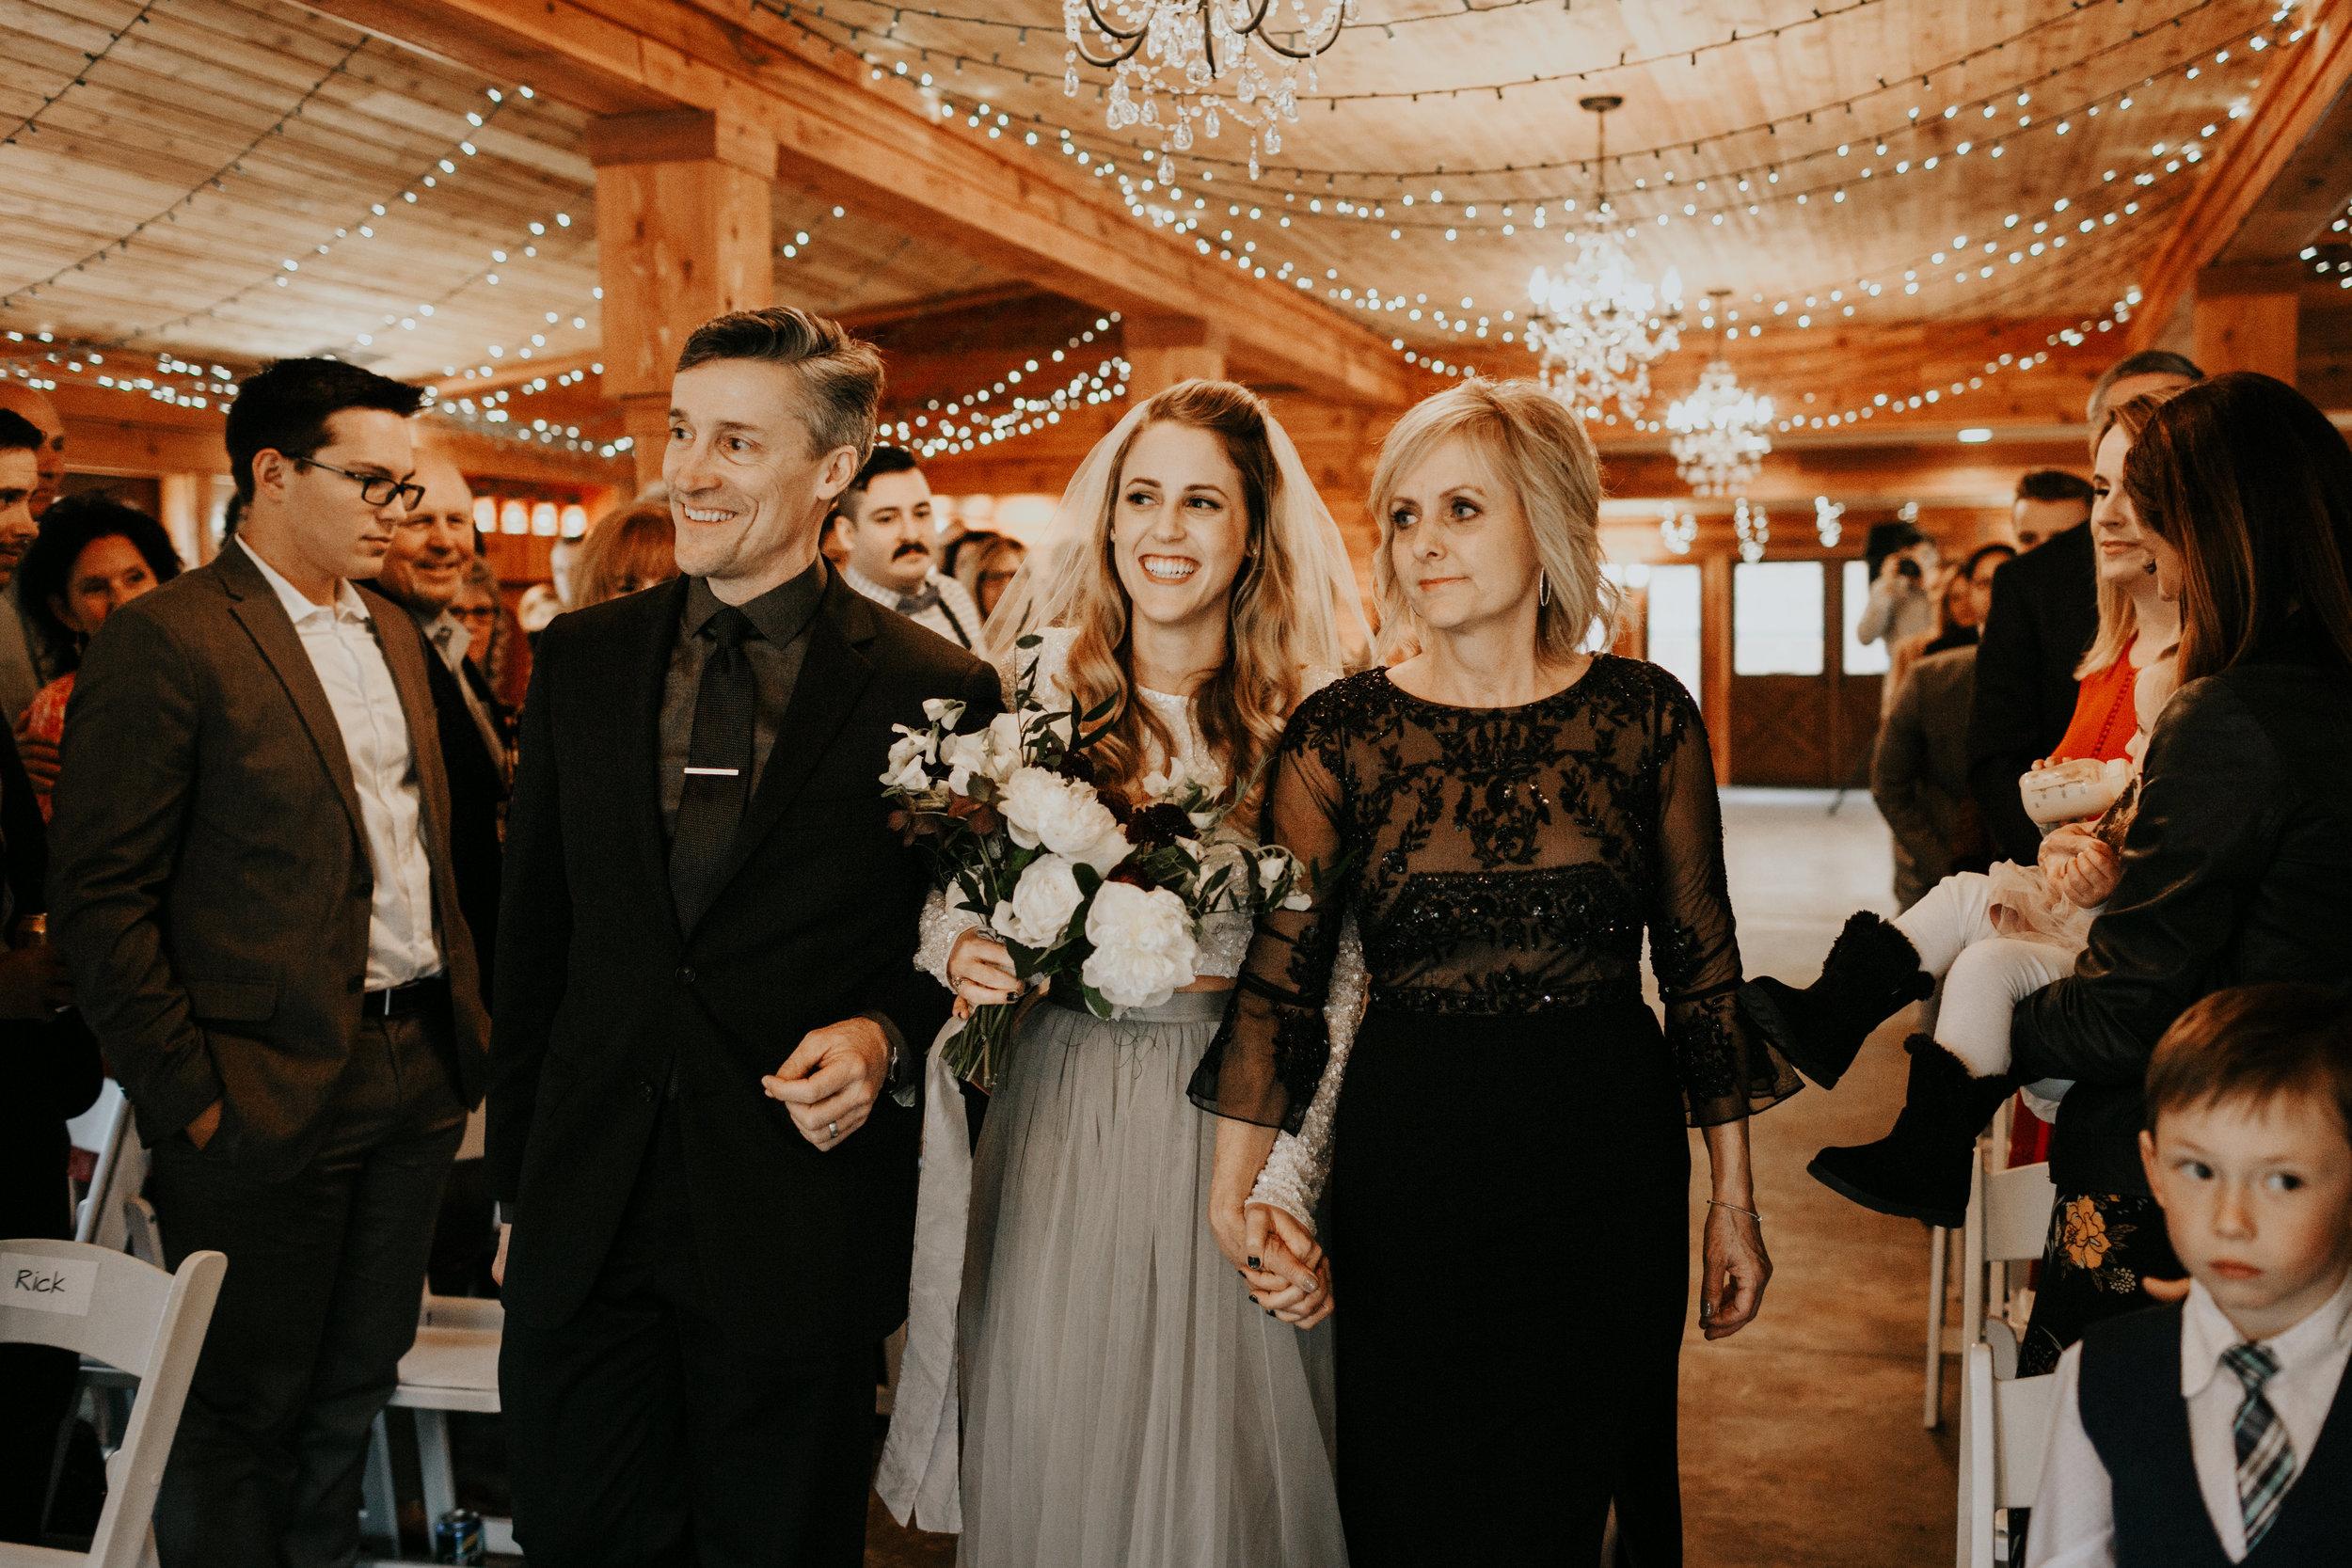 ginapaulson-courtnyandryan-wedding-623.jpg